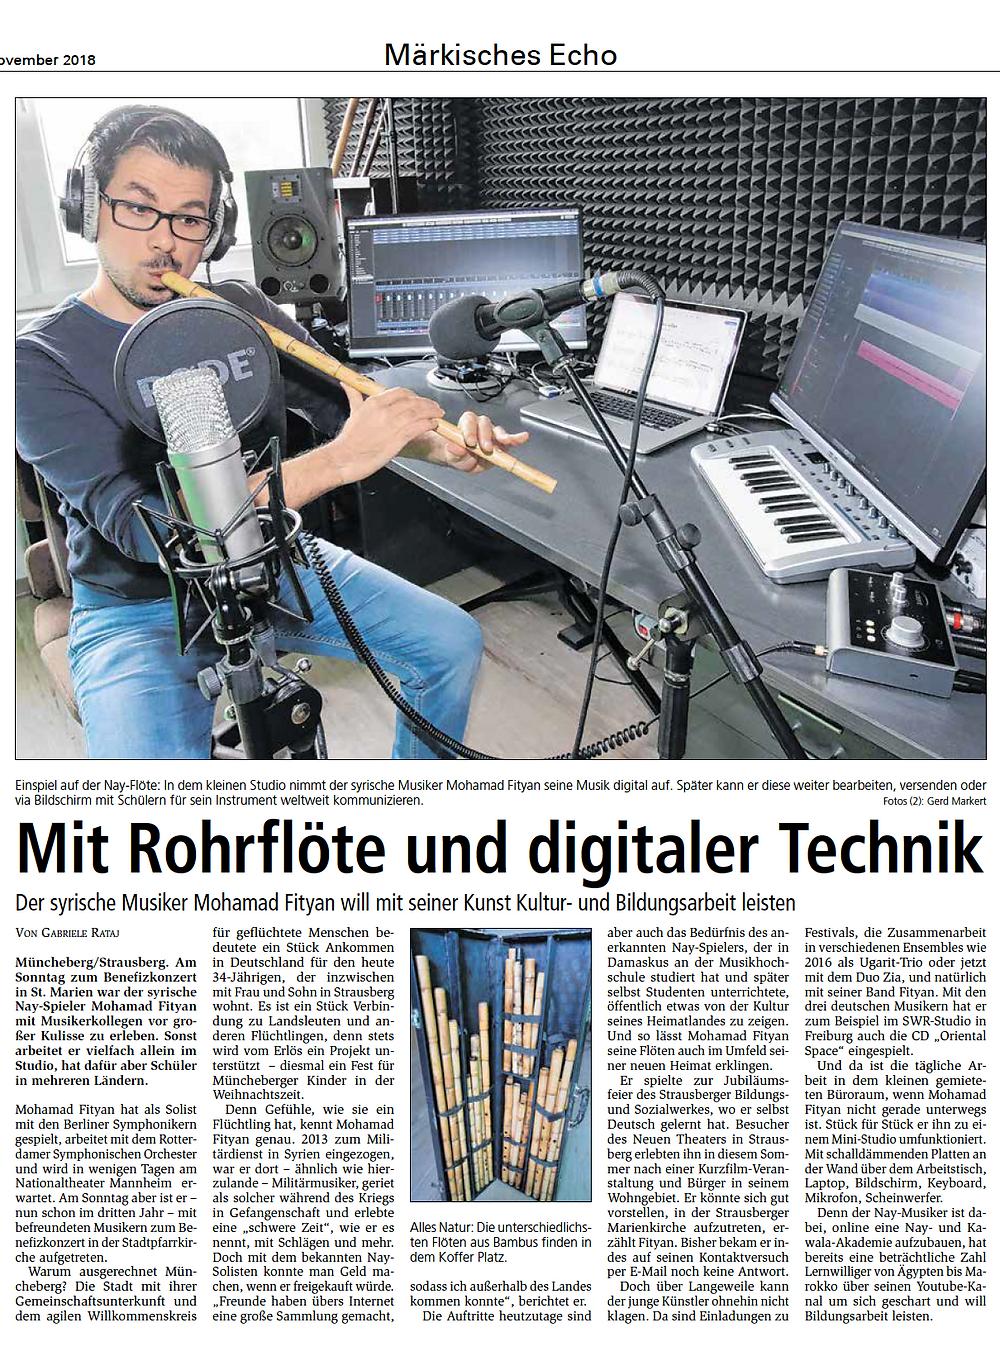 Mit Rohrflöte und digitaler Technik